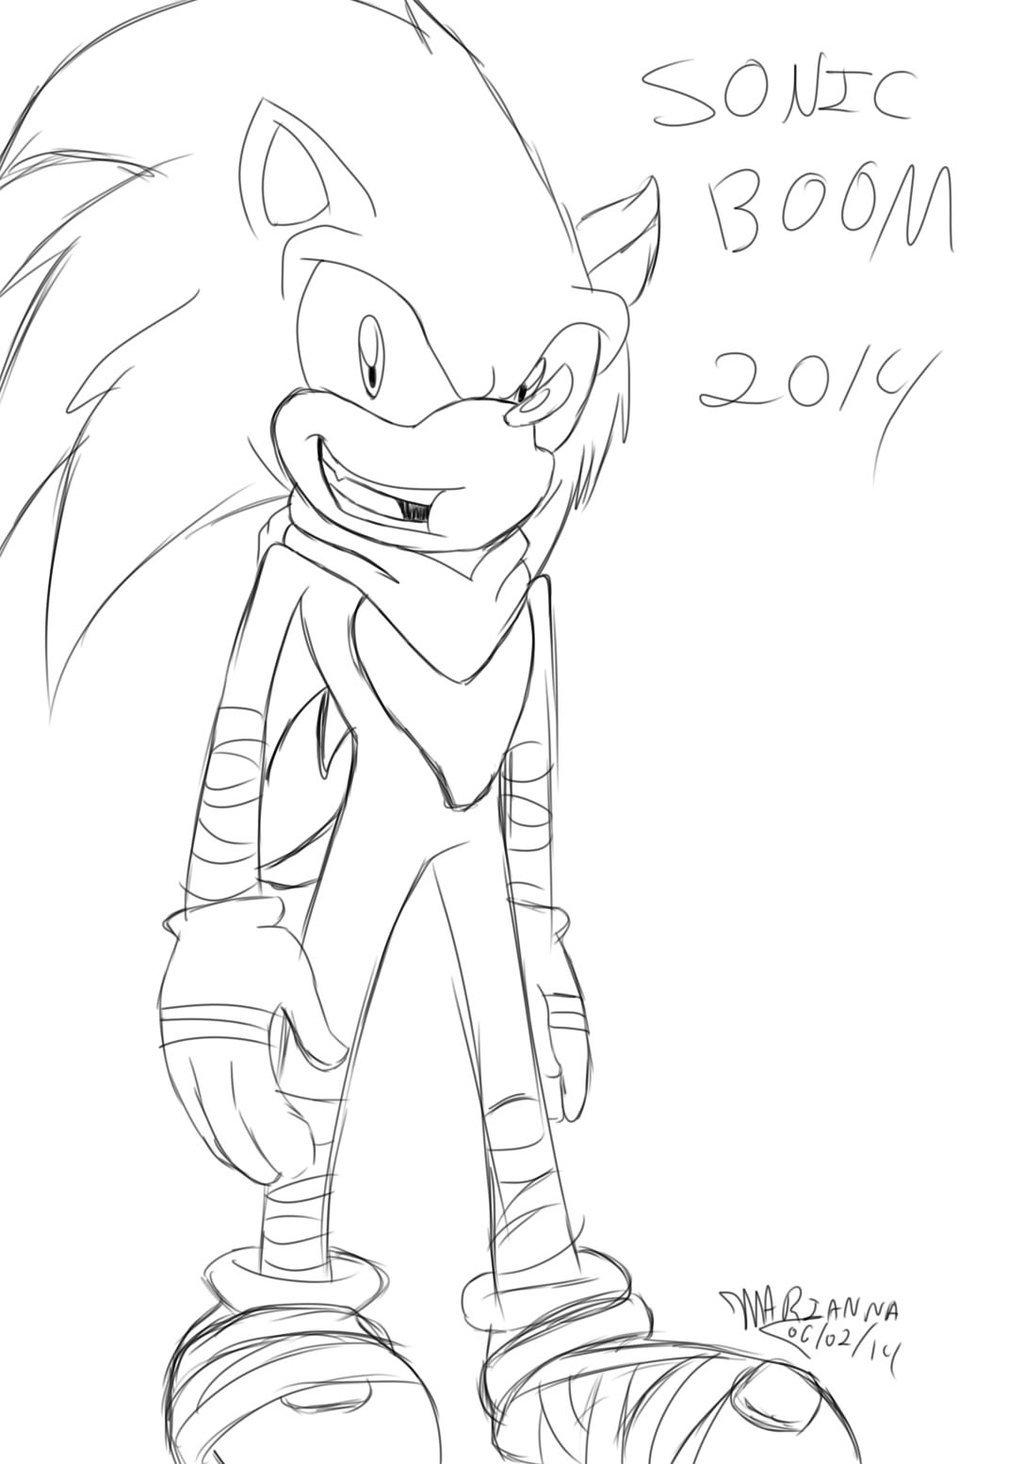 Desenho deshadow the hedgehog para colorir. Jogos Do Sonic De Pintar